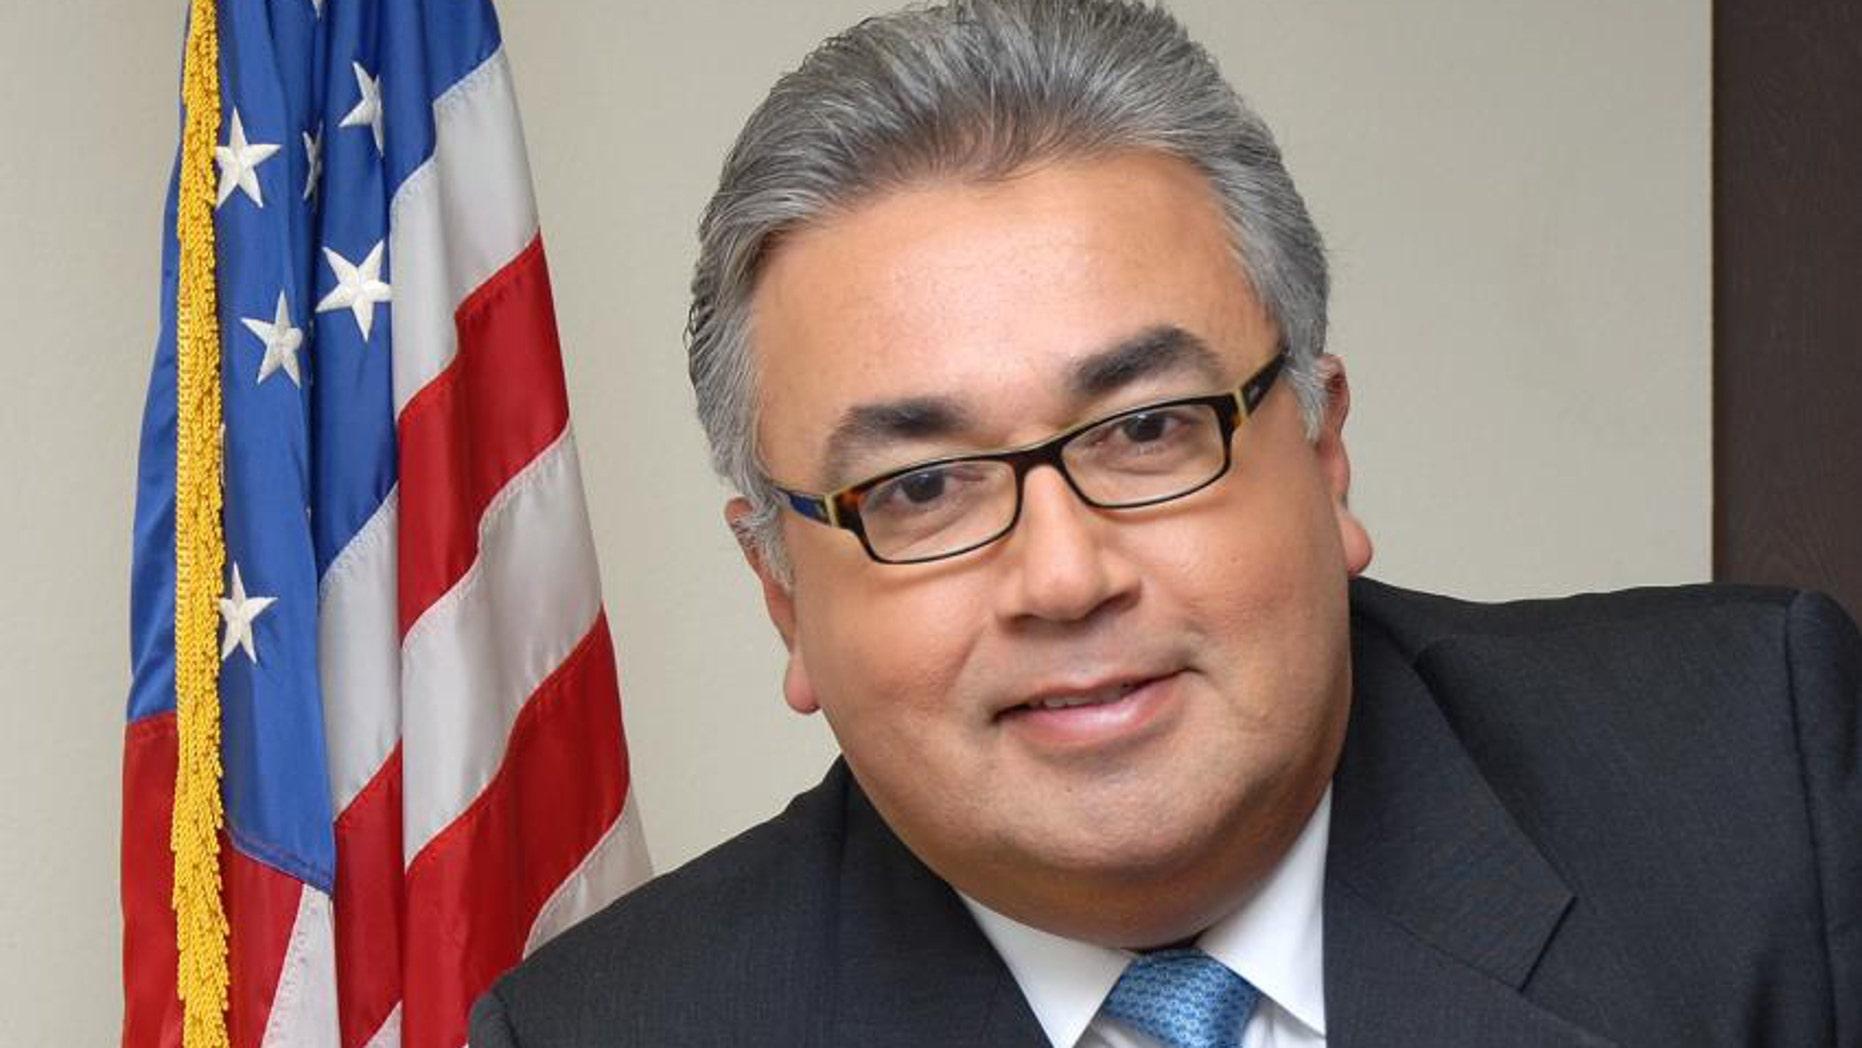 California State Sen. Ron Calderon